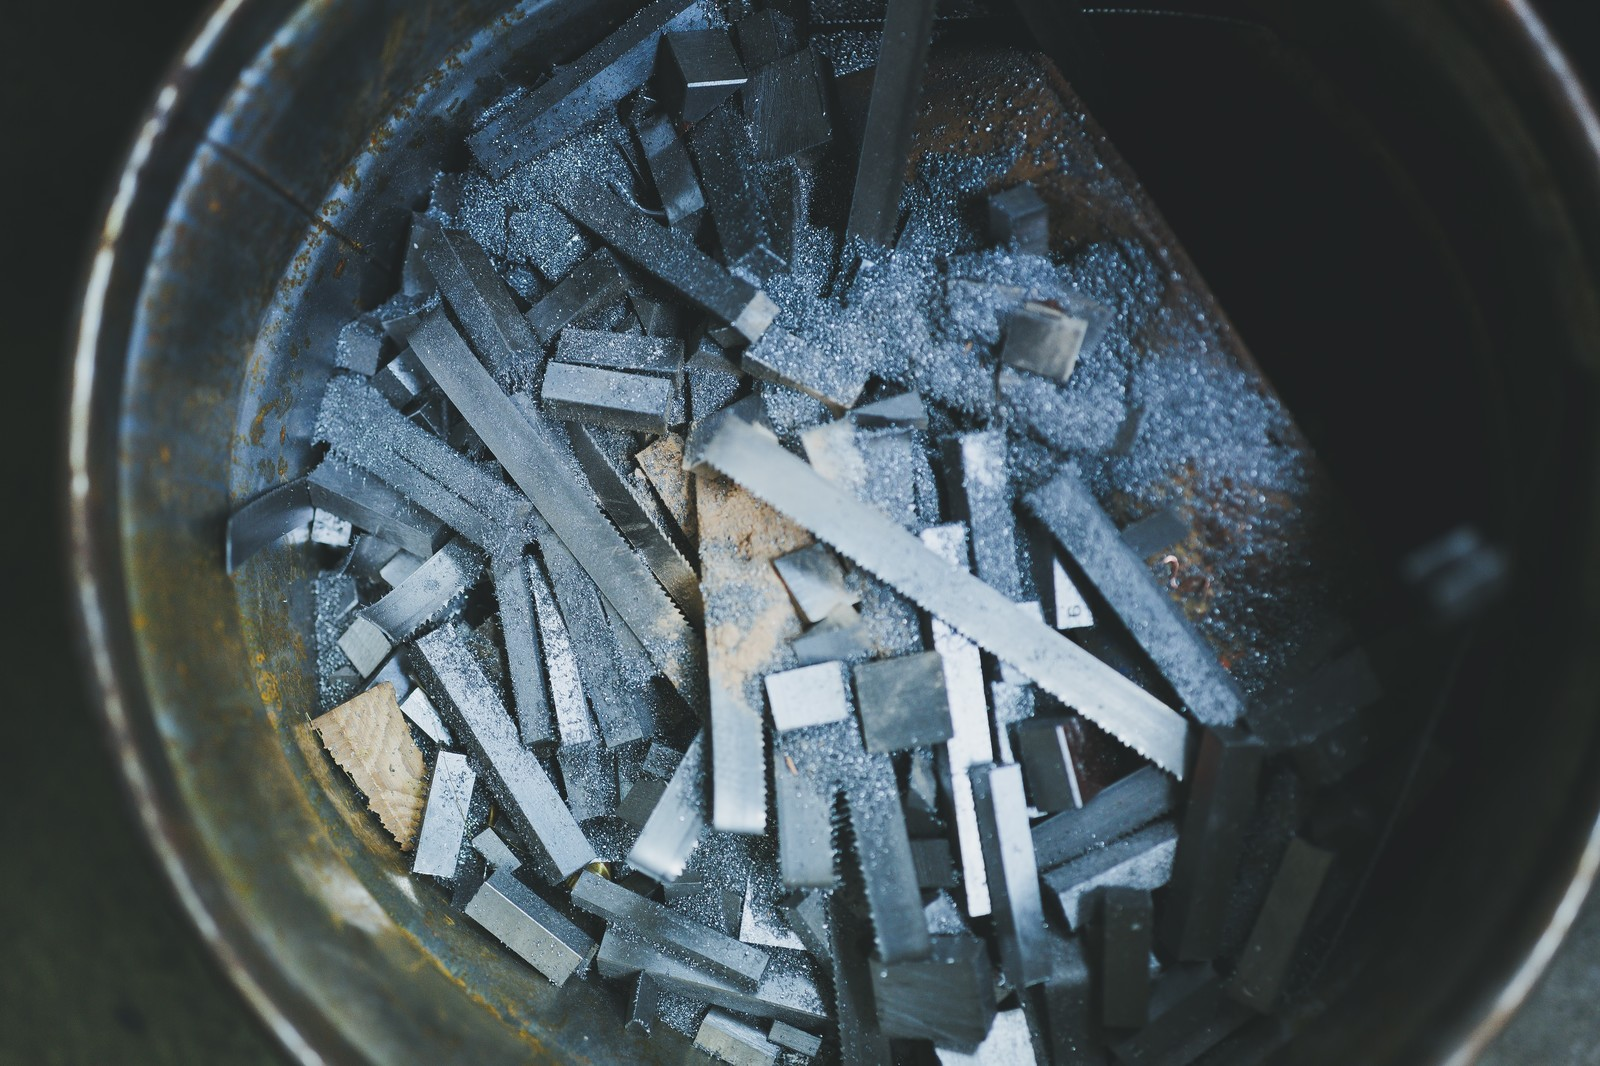 「鉄シャンクの廃棄物」の写真